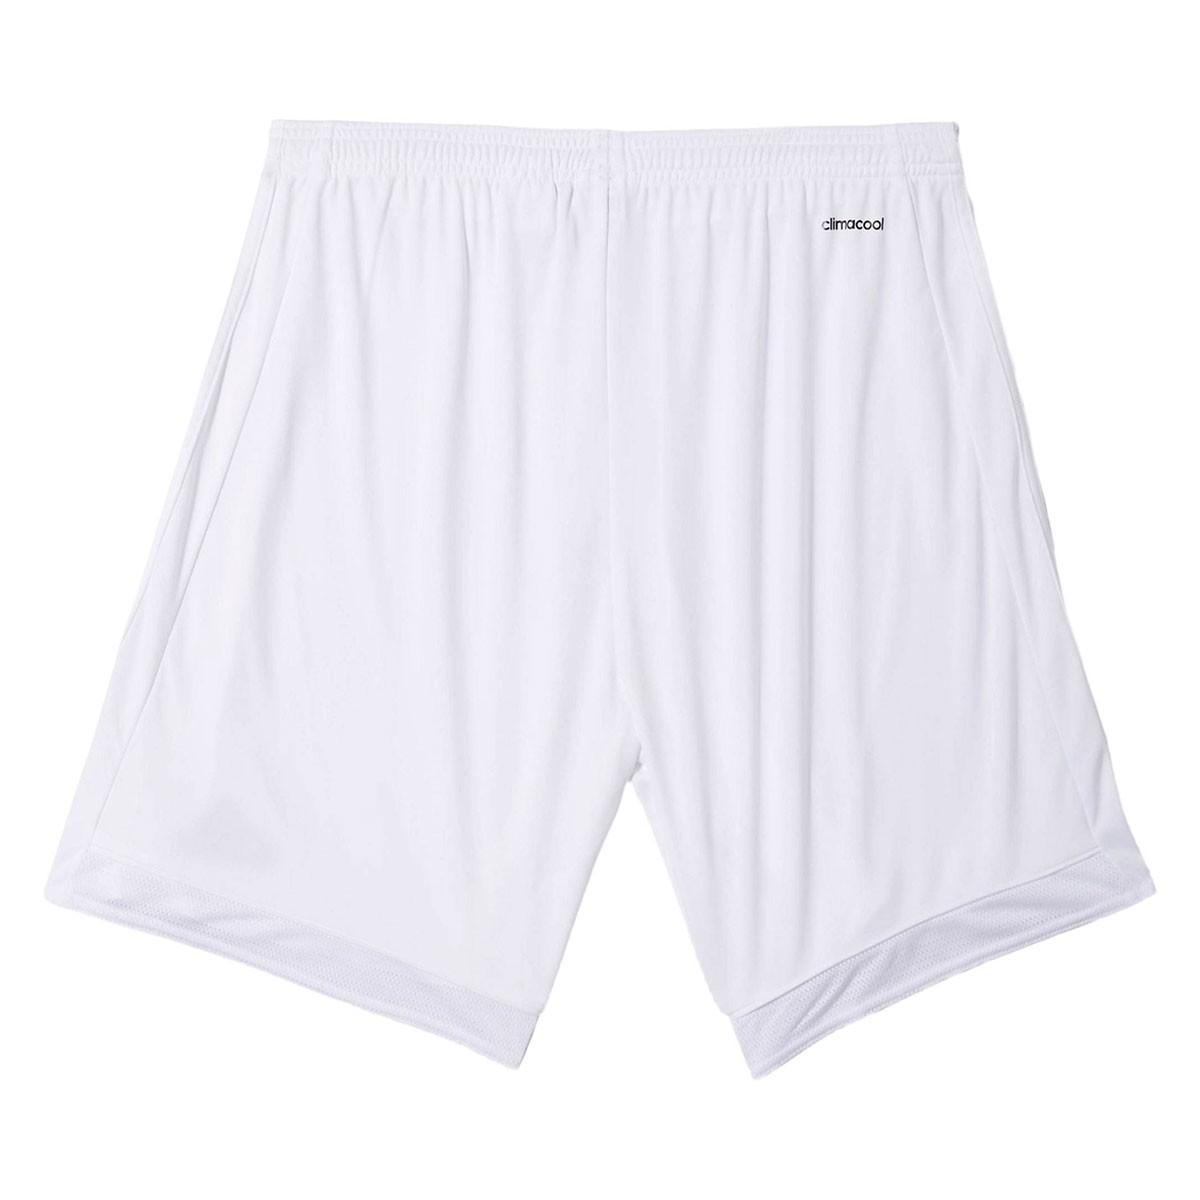 Short Adidas Regista 14 Masculino Branco